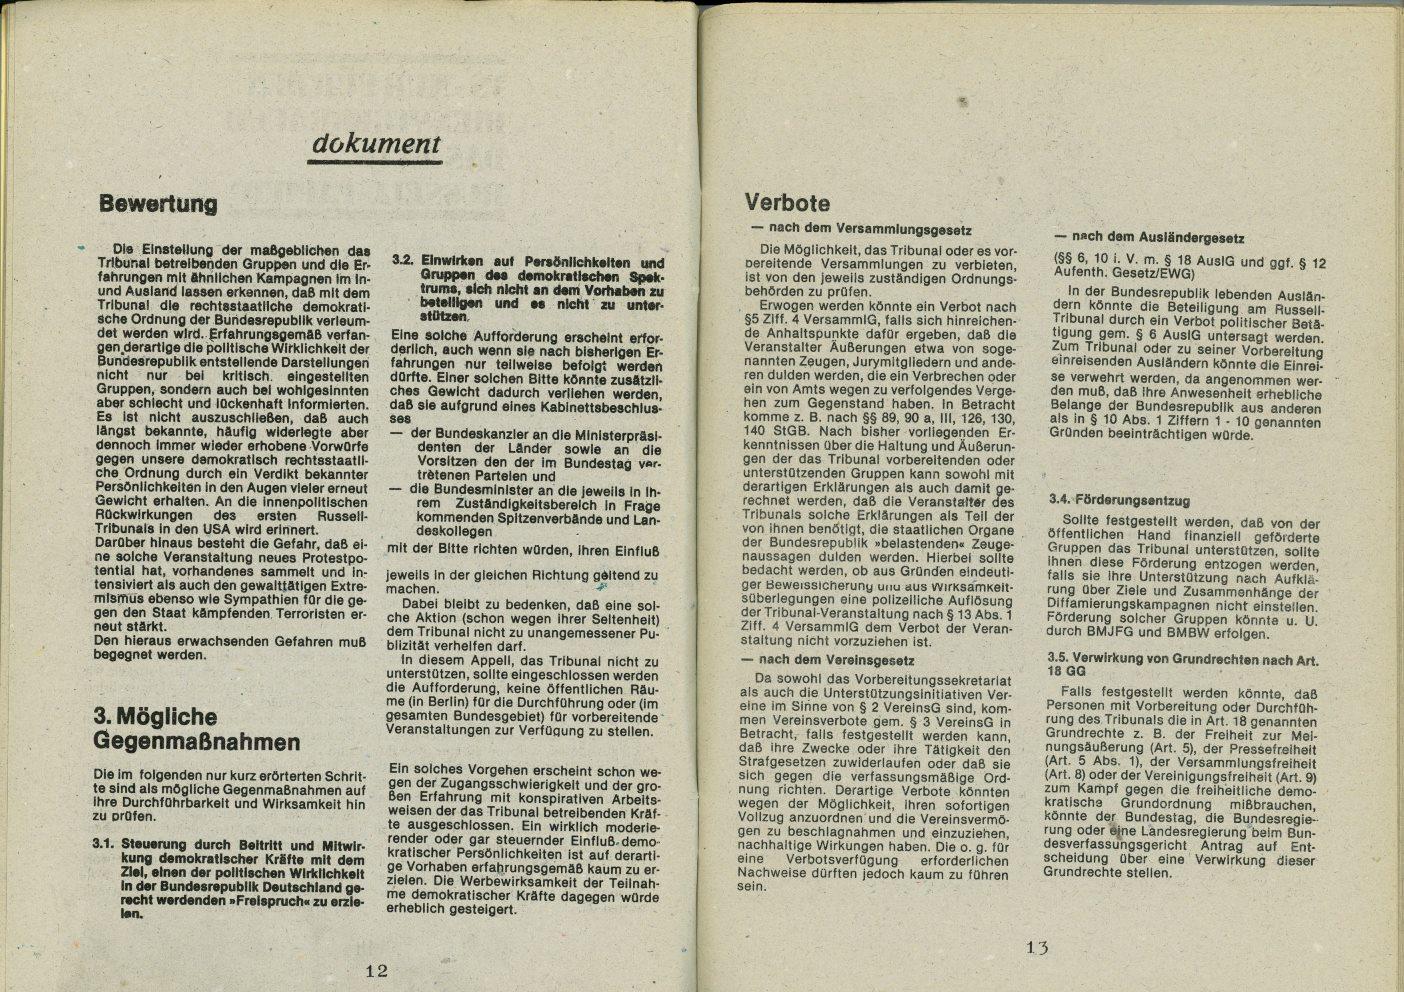 Stuttgart_AGRT_Menschenrechtsverletzungen_Leseheft_1978_08